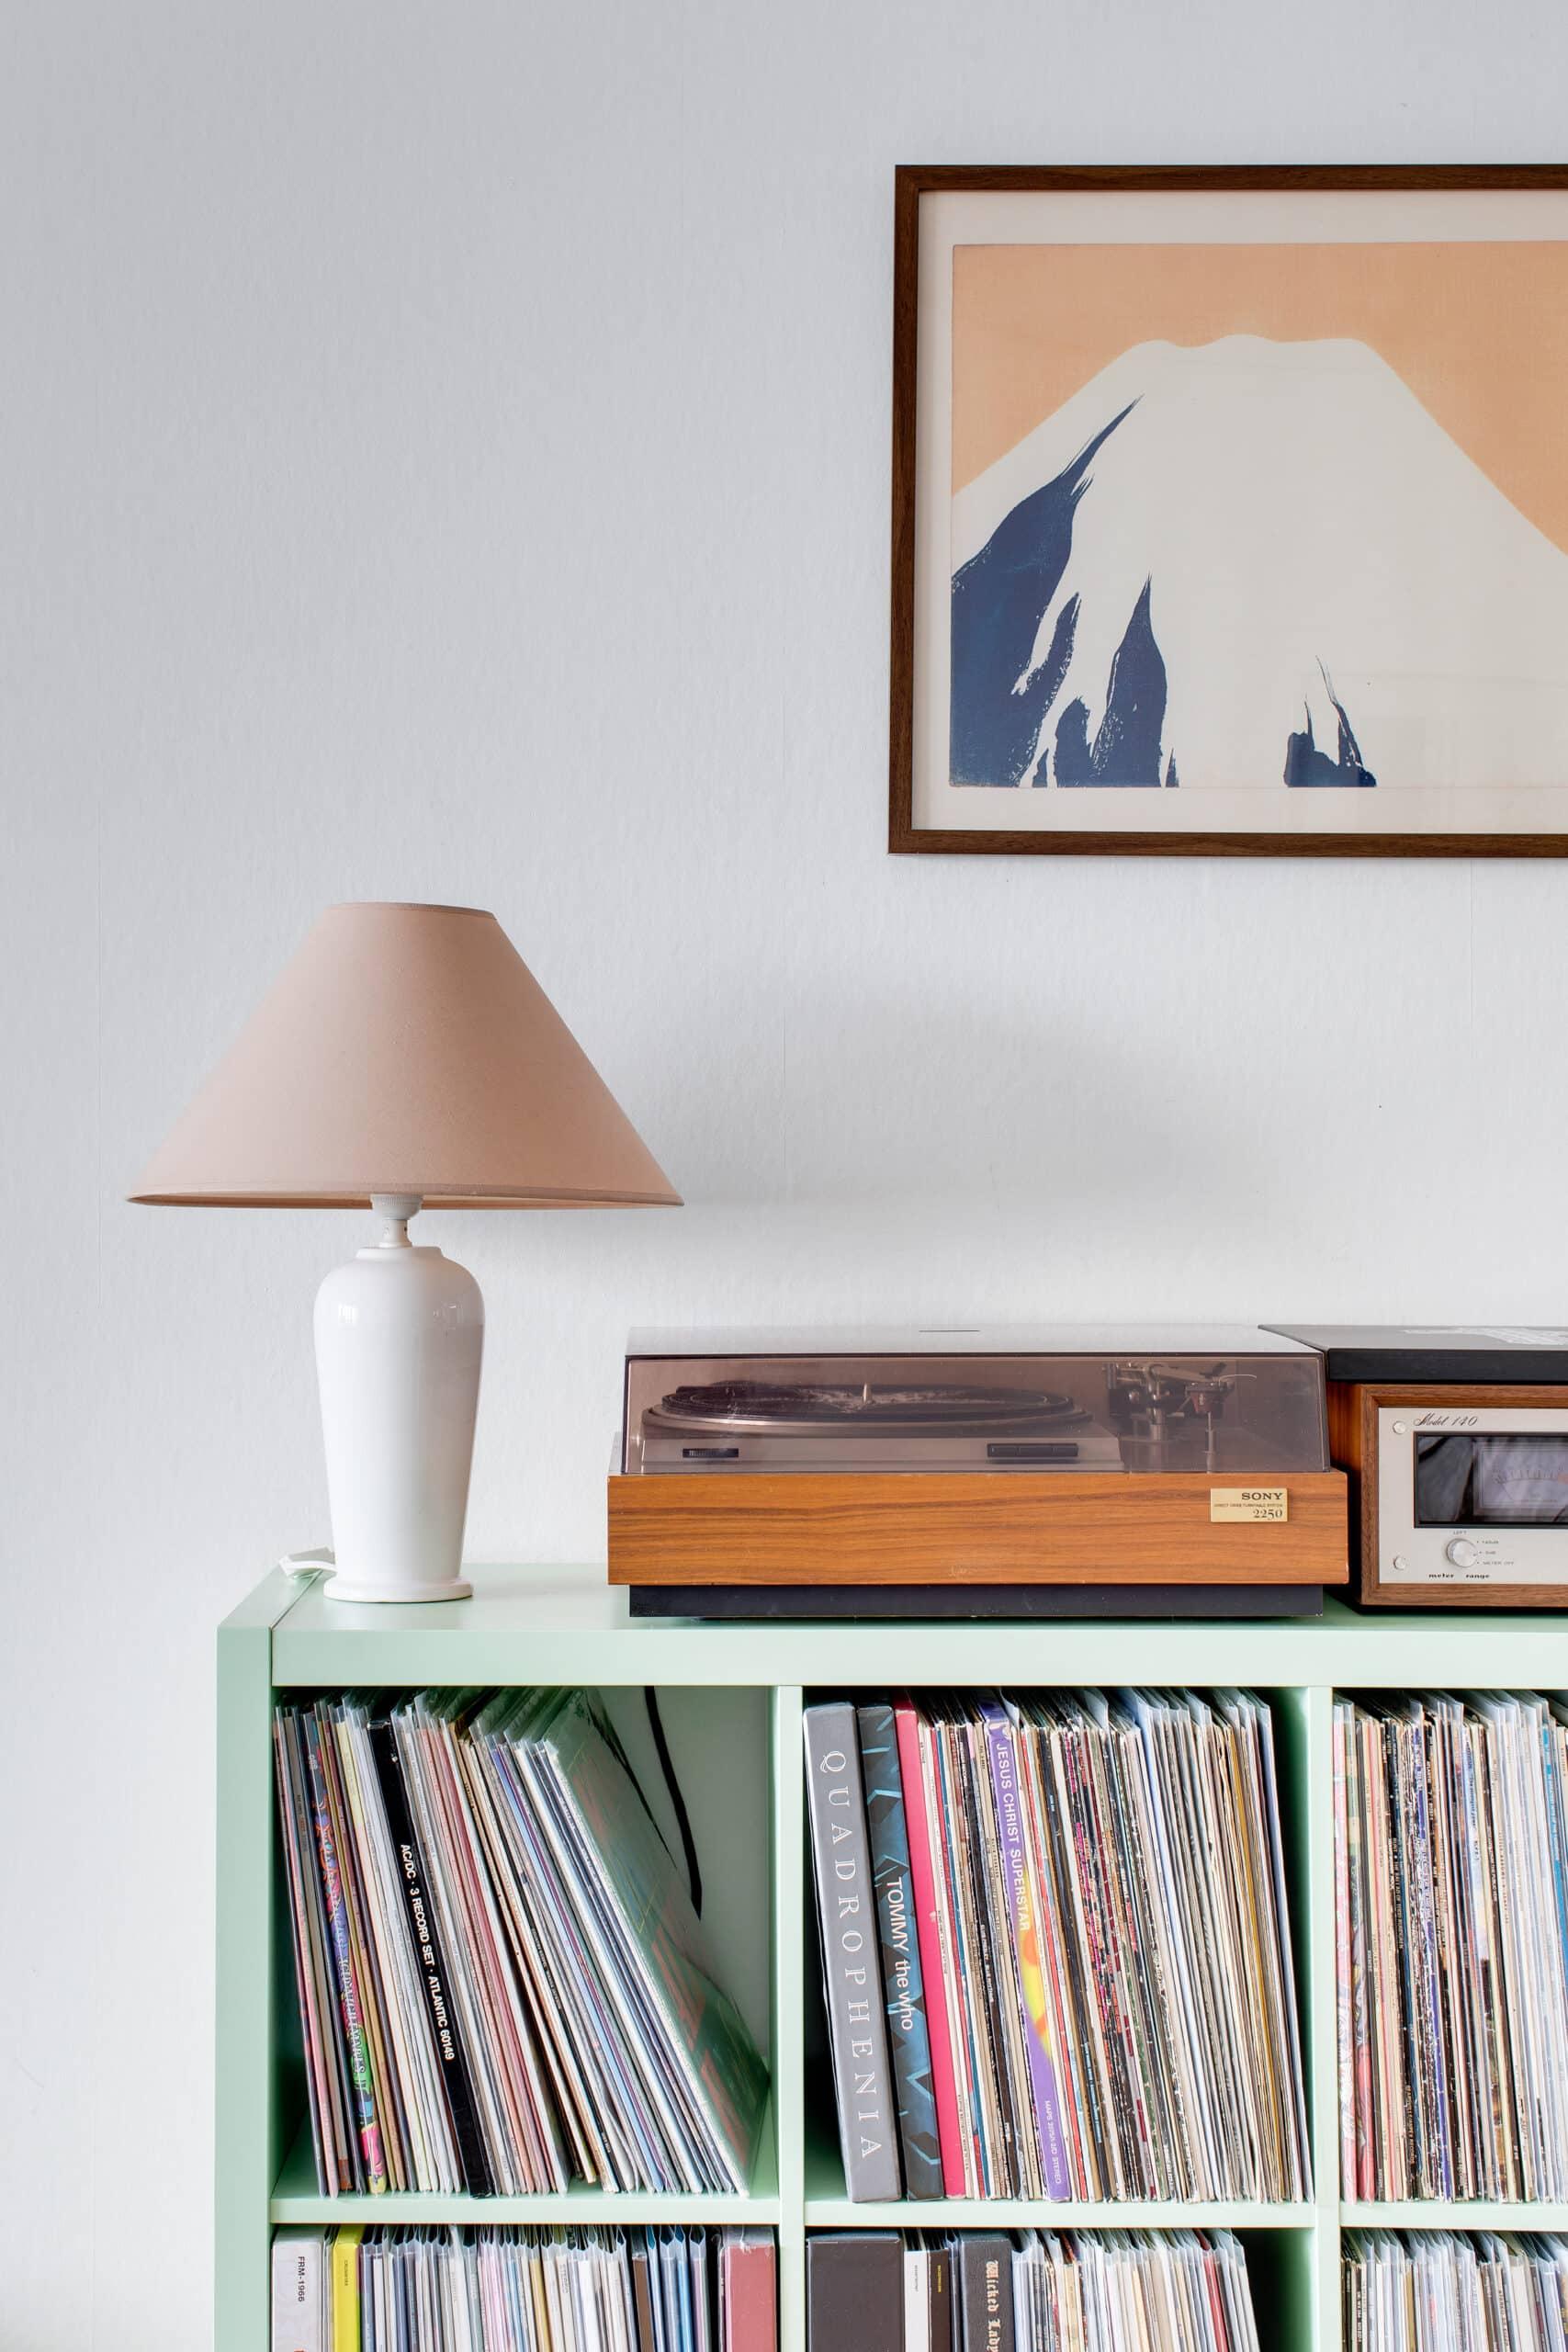 Vinylspelare, Fänkålsgatan